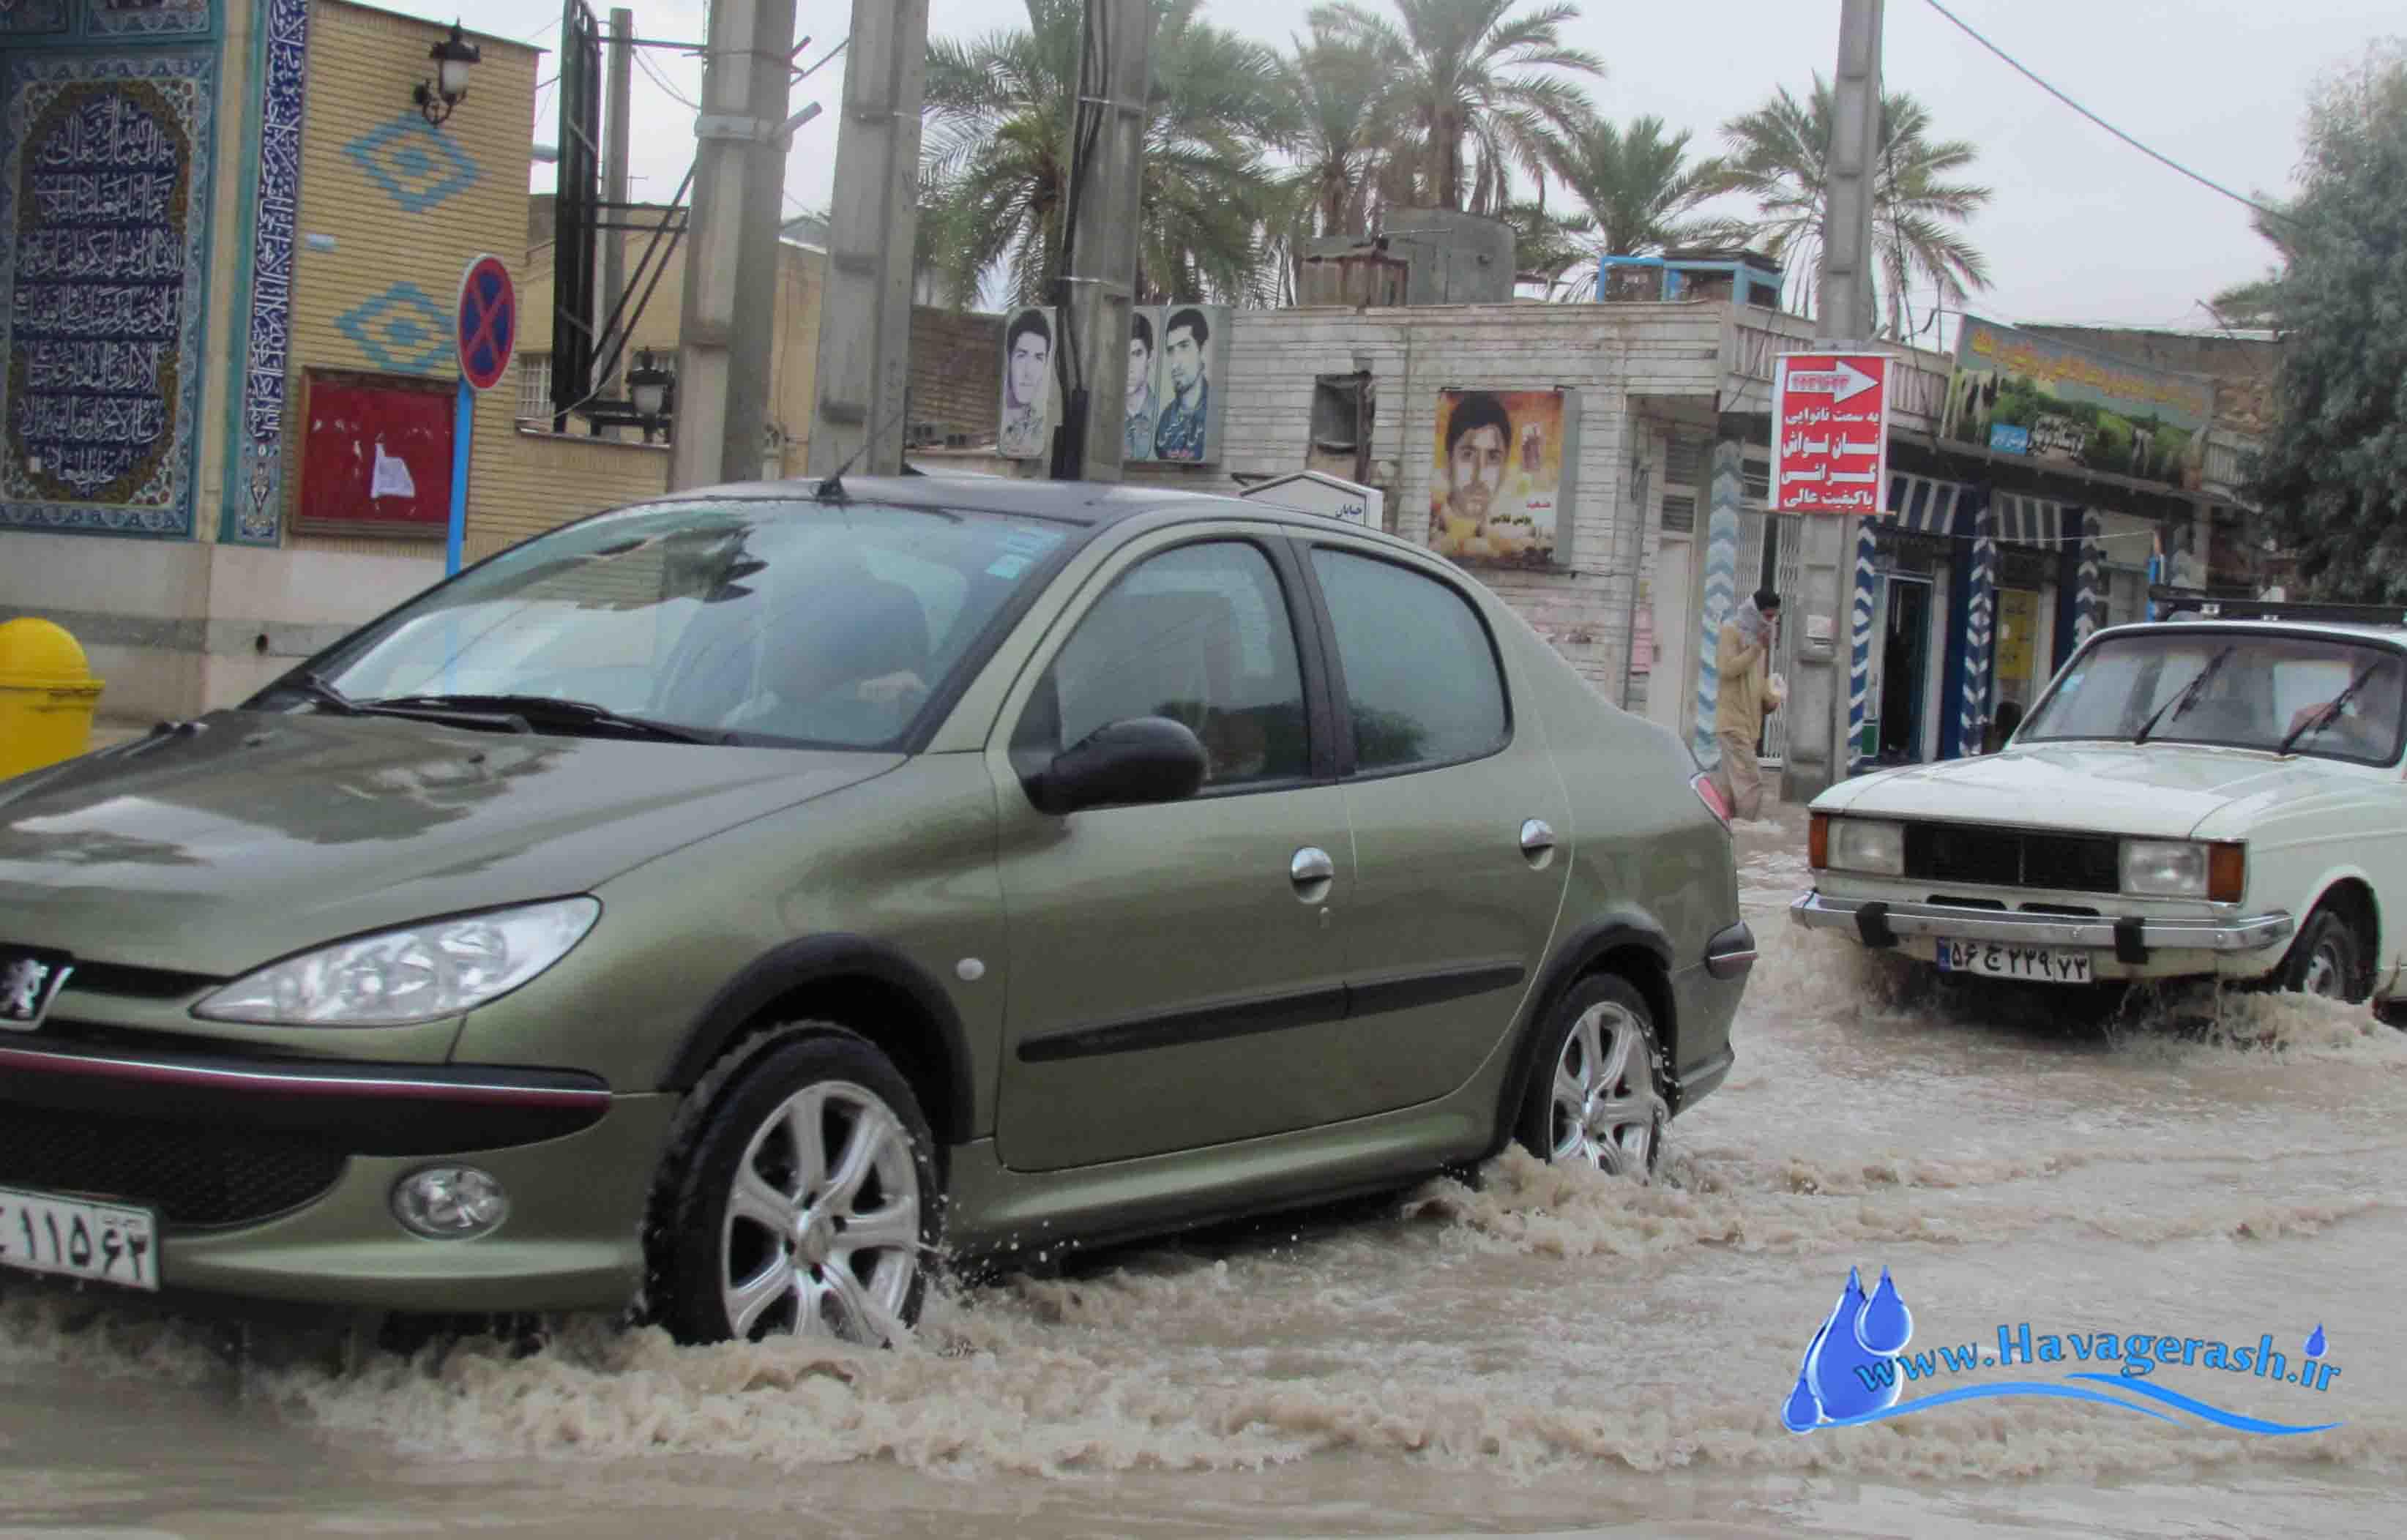 اطلاعیه و اخطاریه اداره کل هواشناسی استان فارس/ سیل و آب گرفتگی برای جنوب فارس